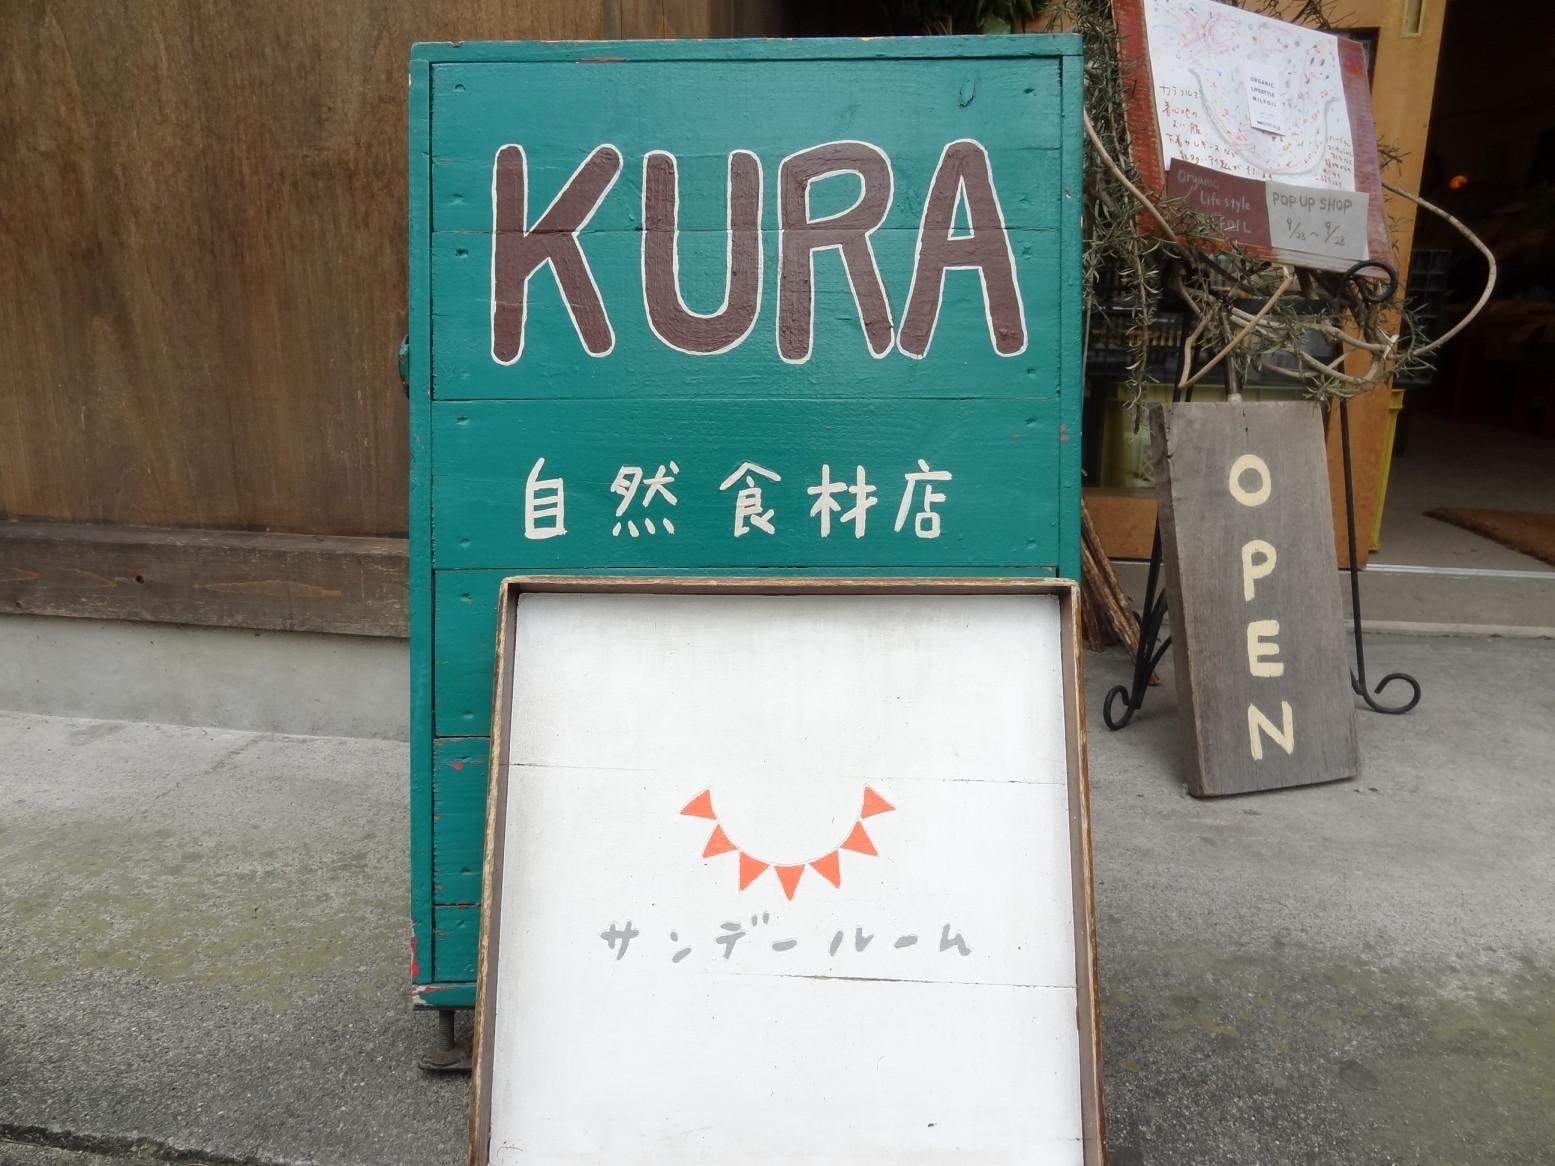 食材店KURA 地物の力強い野菜が沢山